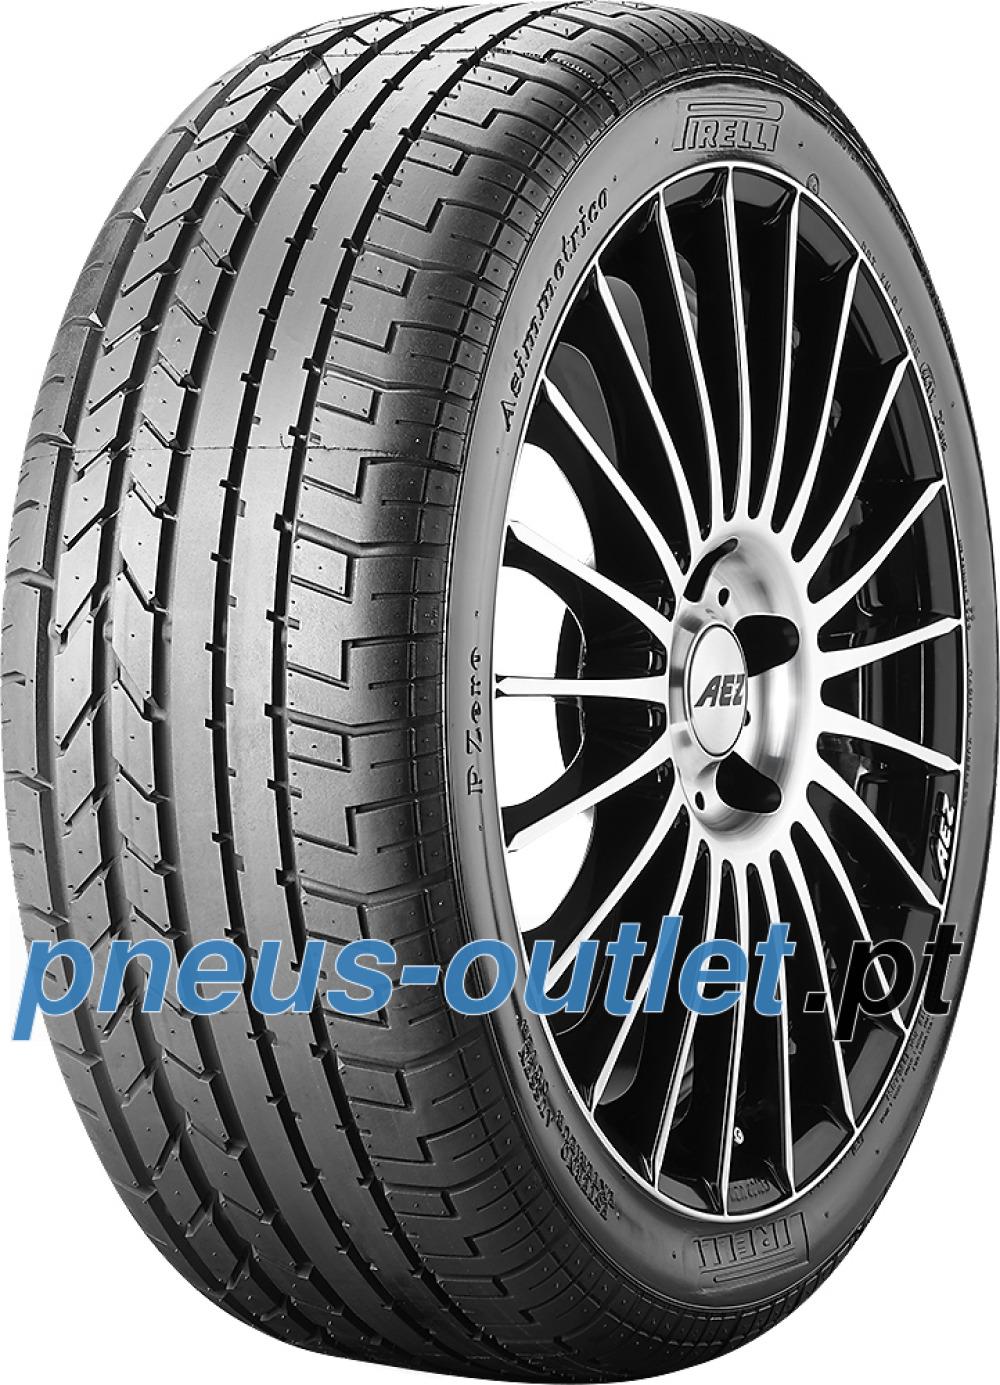 Pirelli P Zero Asimmetrico ( 225/50 ZR16 92Y N3, com protecção da jante (MFS) )